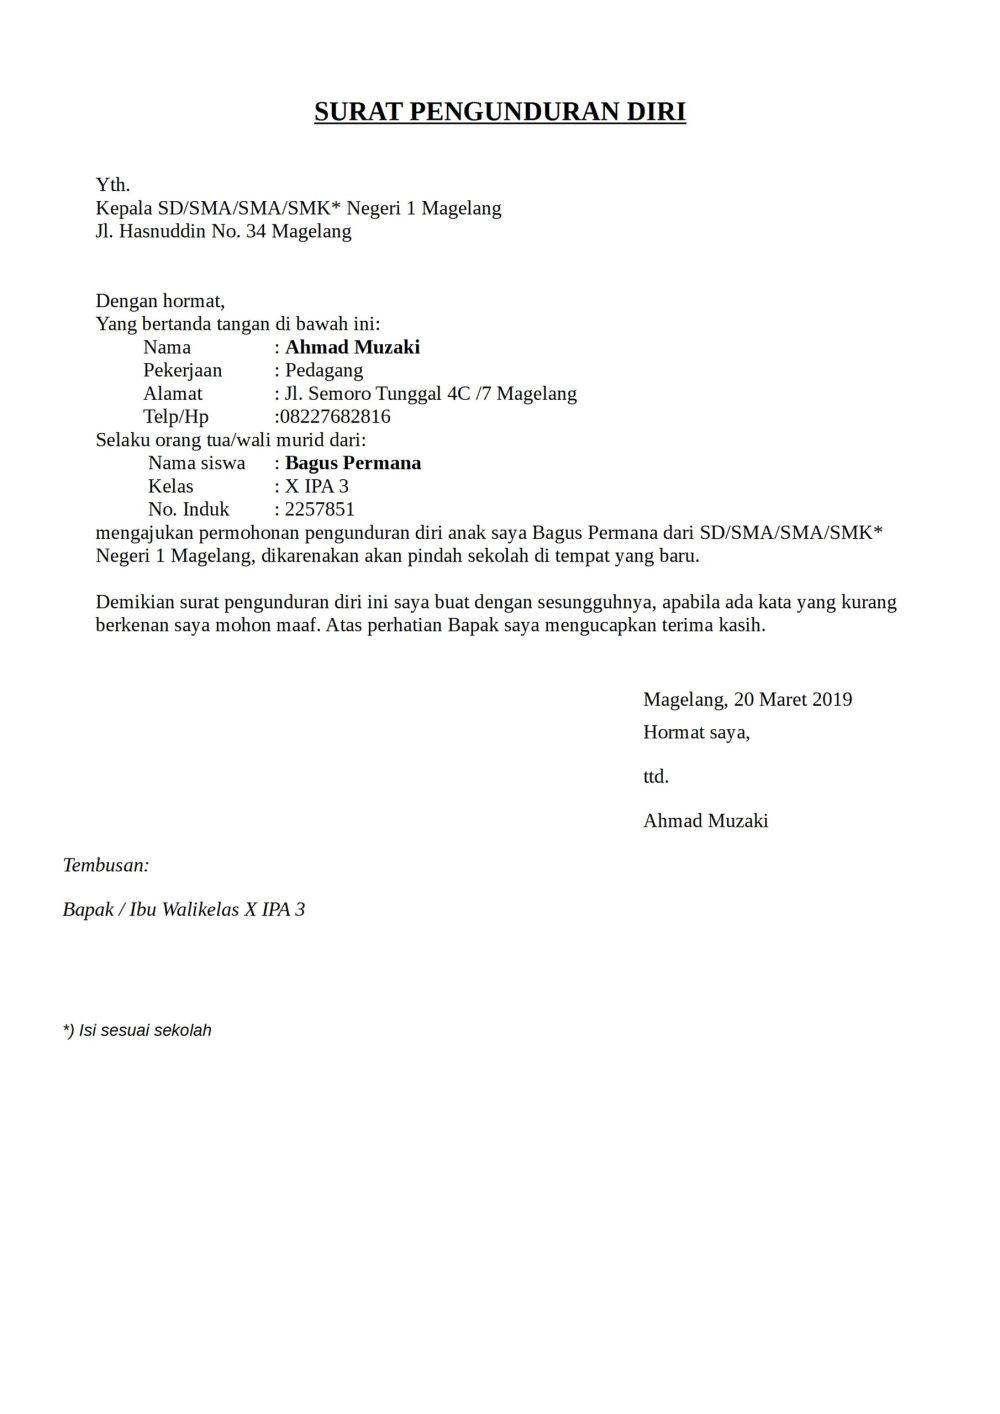 3. Contoh Surat Pengunduran Diri Dari Sekolah Sebagai Murid Siswa